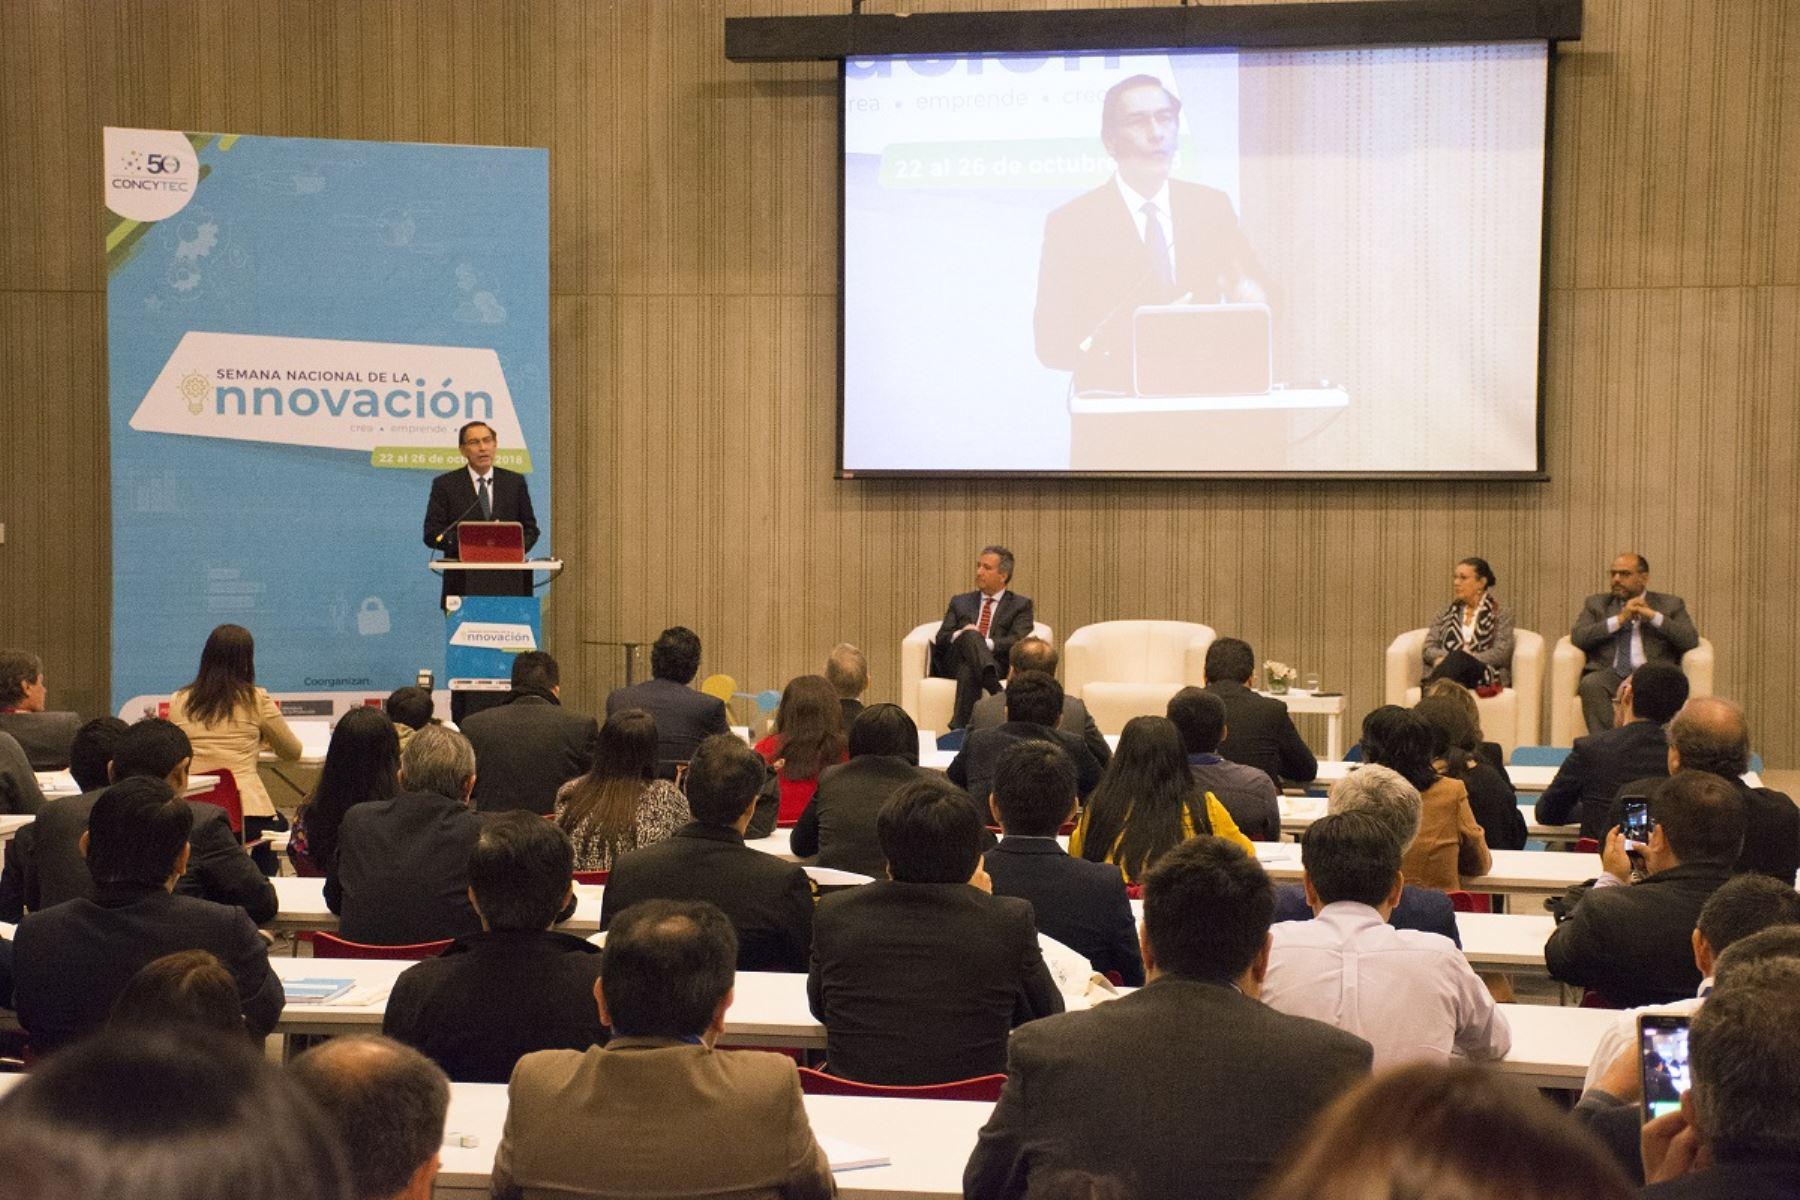 Presidente Martín Vizcarra destaca importancia de la innovación para el desarrollo del país. Foto: Cortesía.